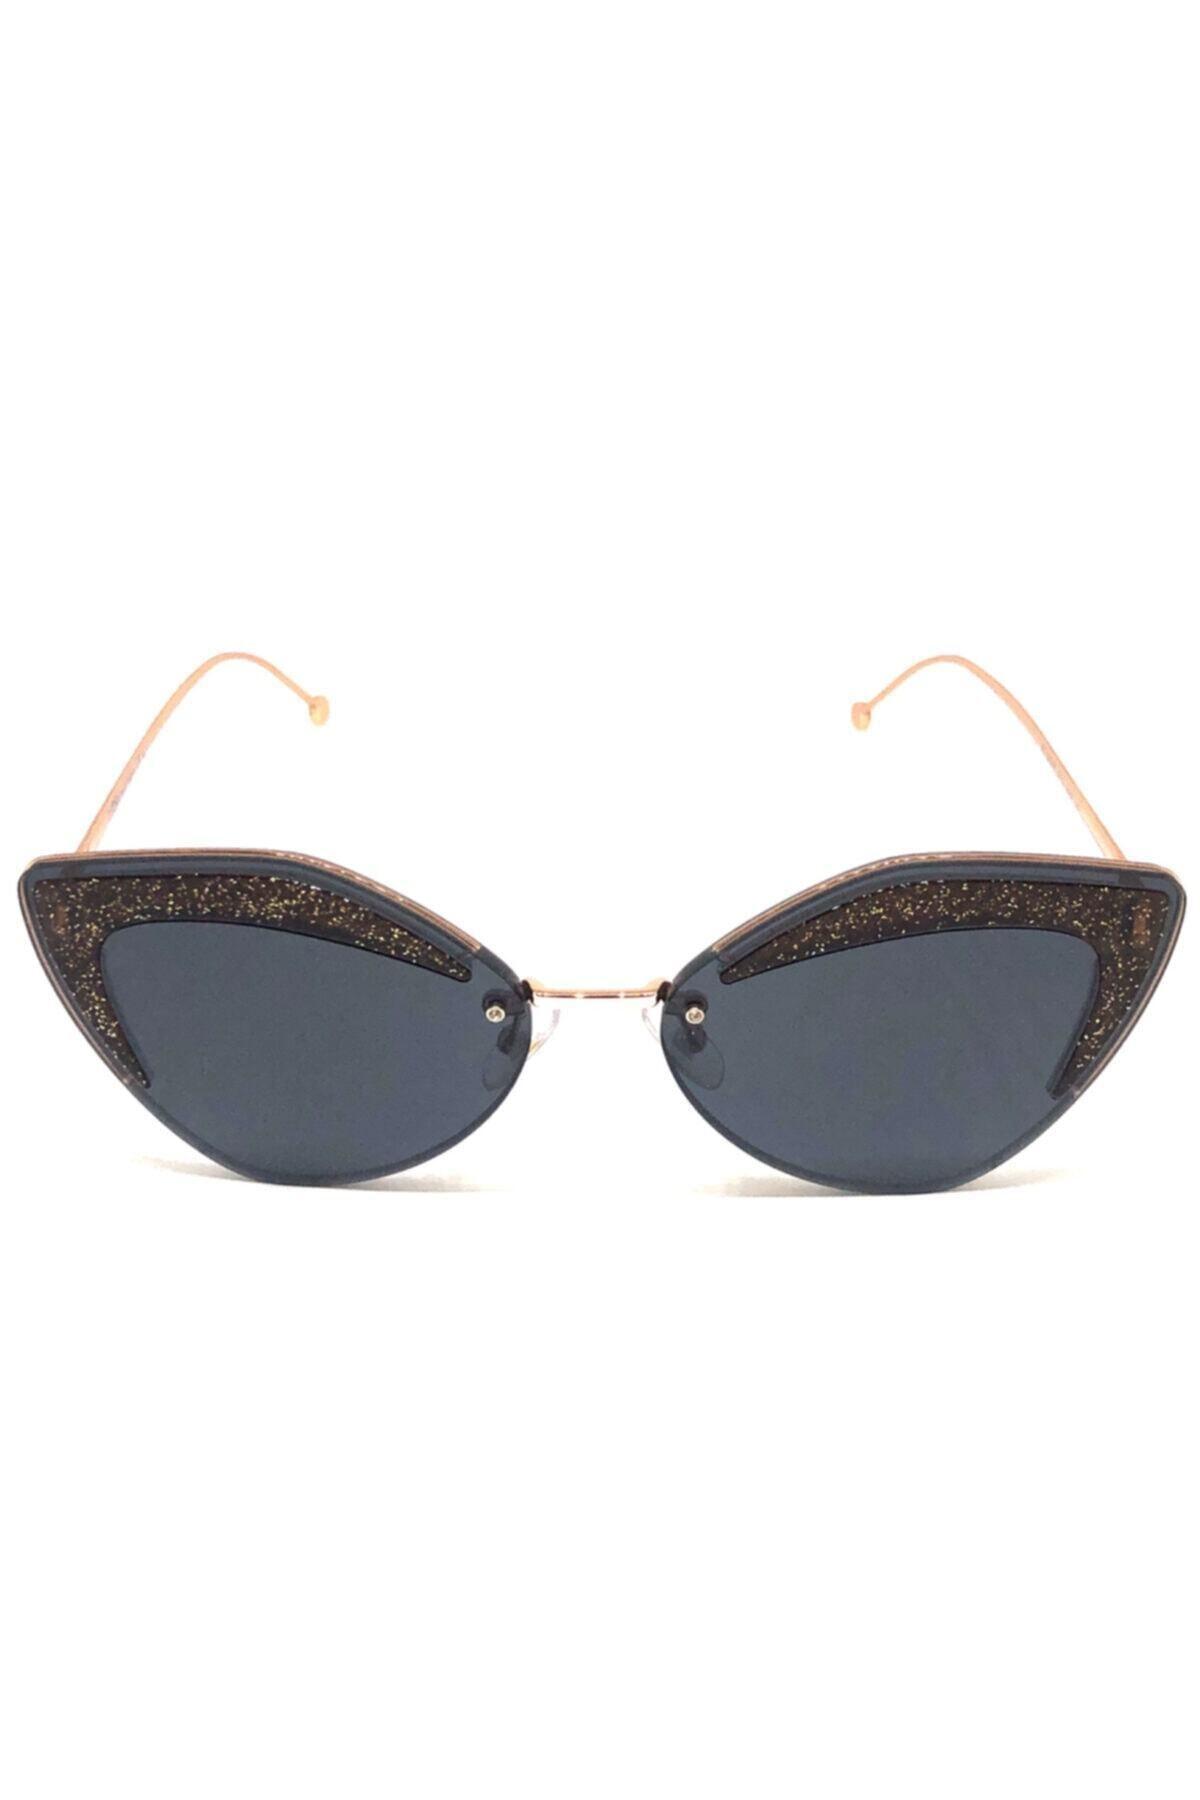 فروش عینک آفتابی زنانه شیک و جدید برند Fendi رنگ متالیک کد ty49653733